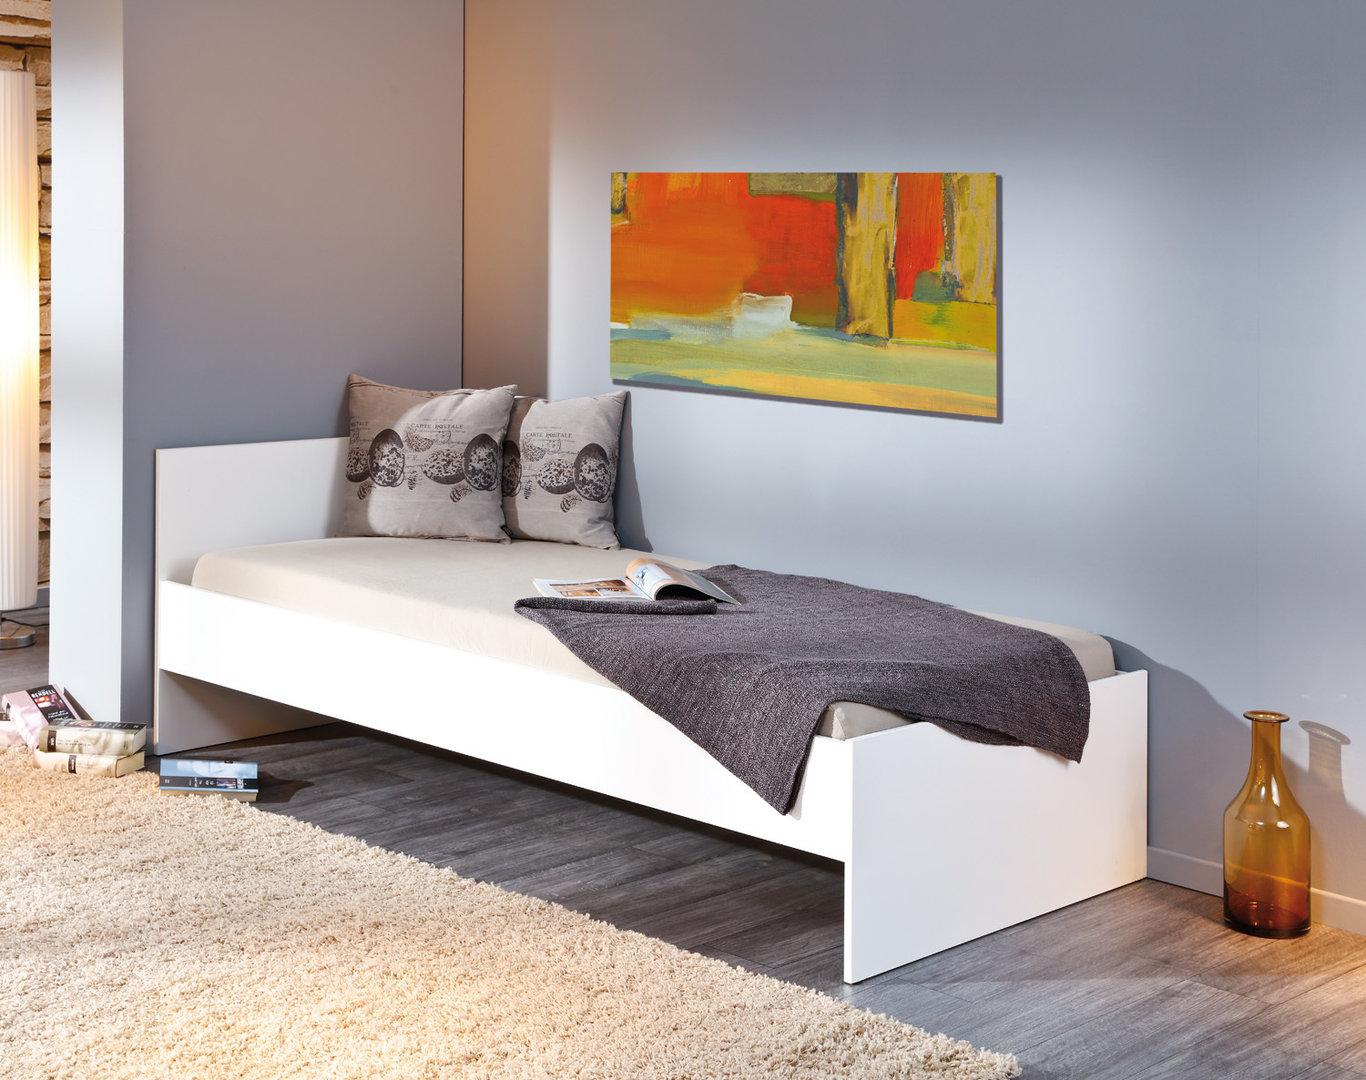 Letto singolo week bianco o rovere mobile moderno ad una - Camera letto singolo ...